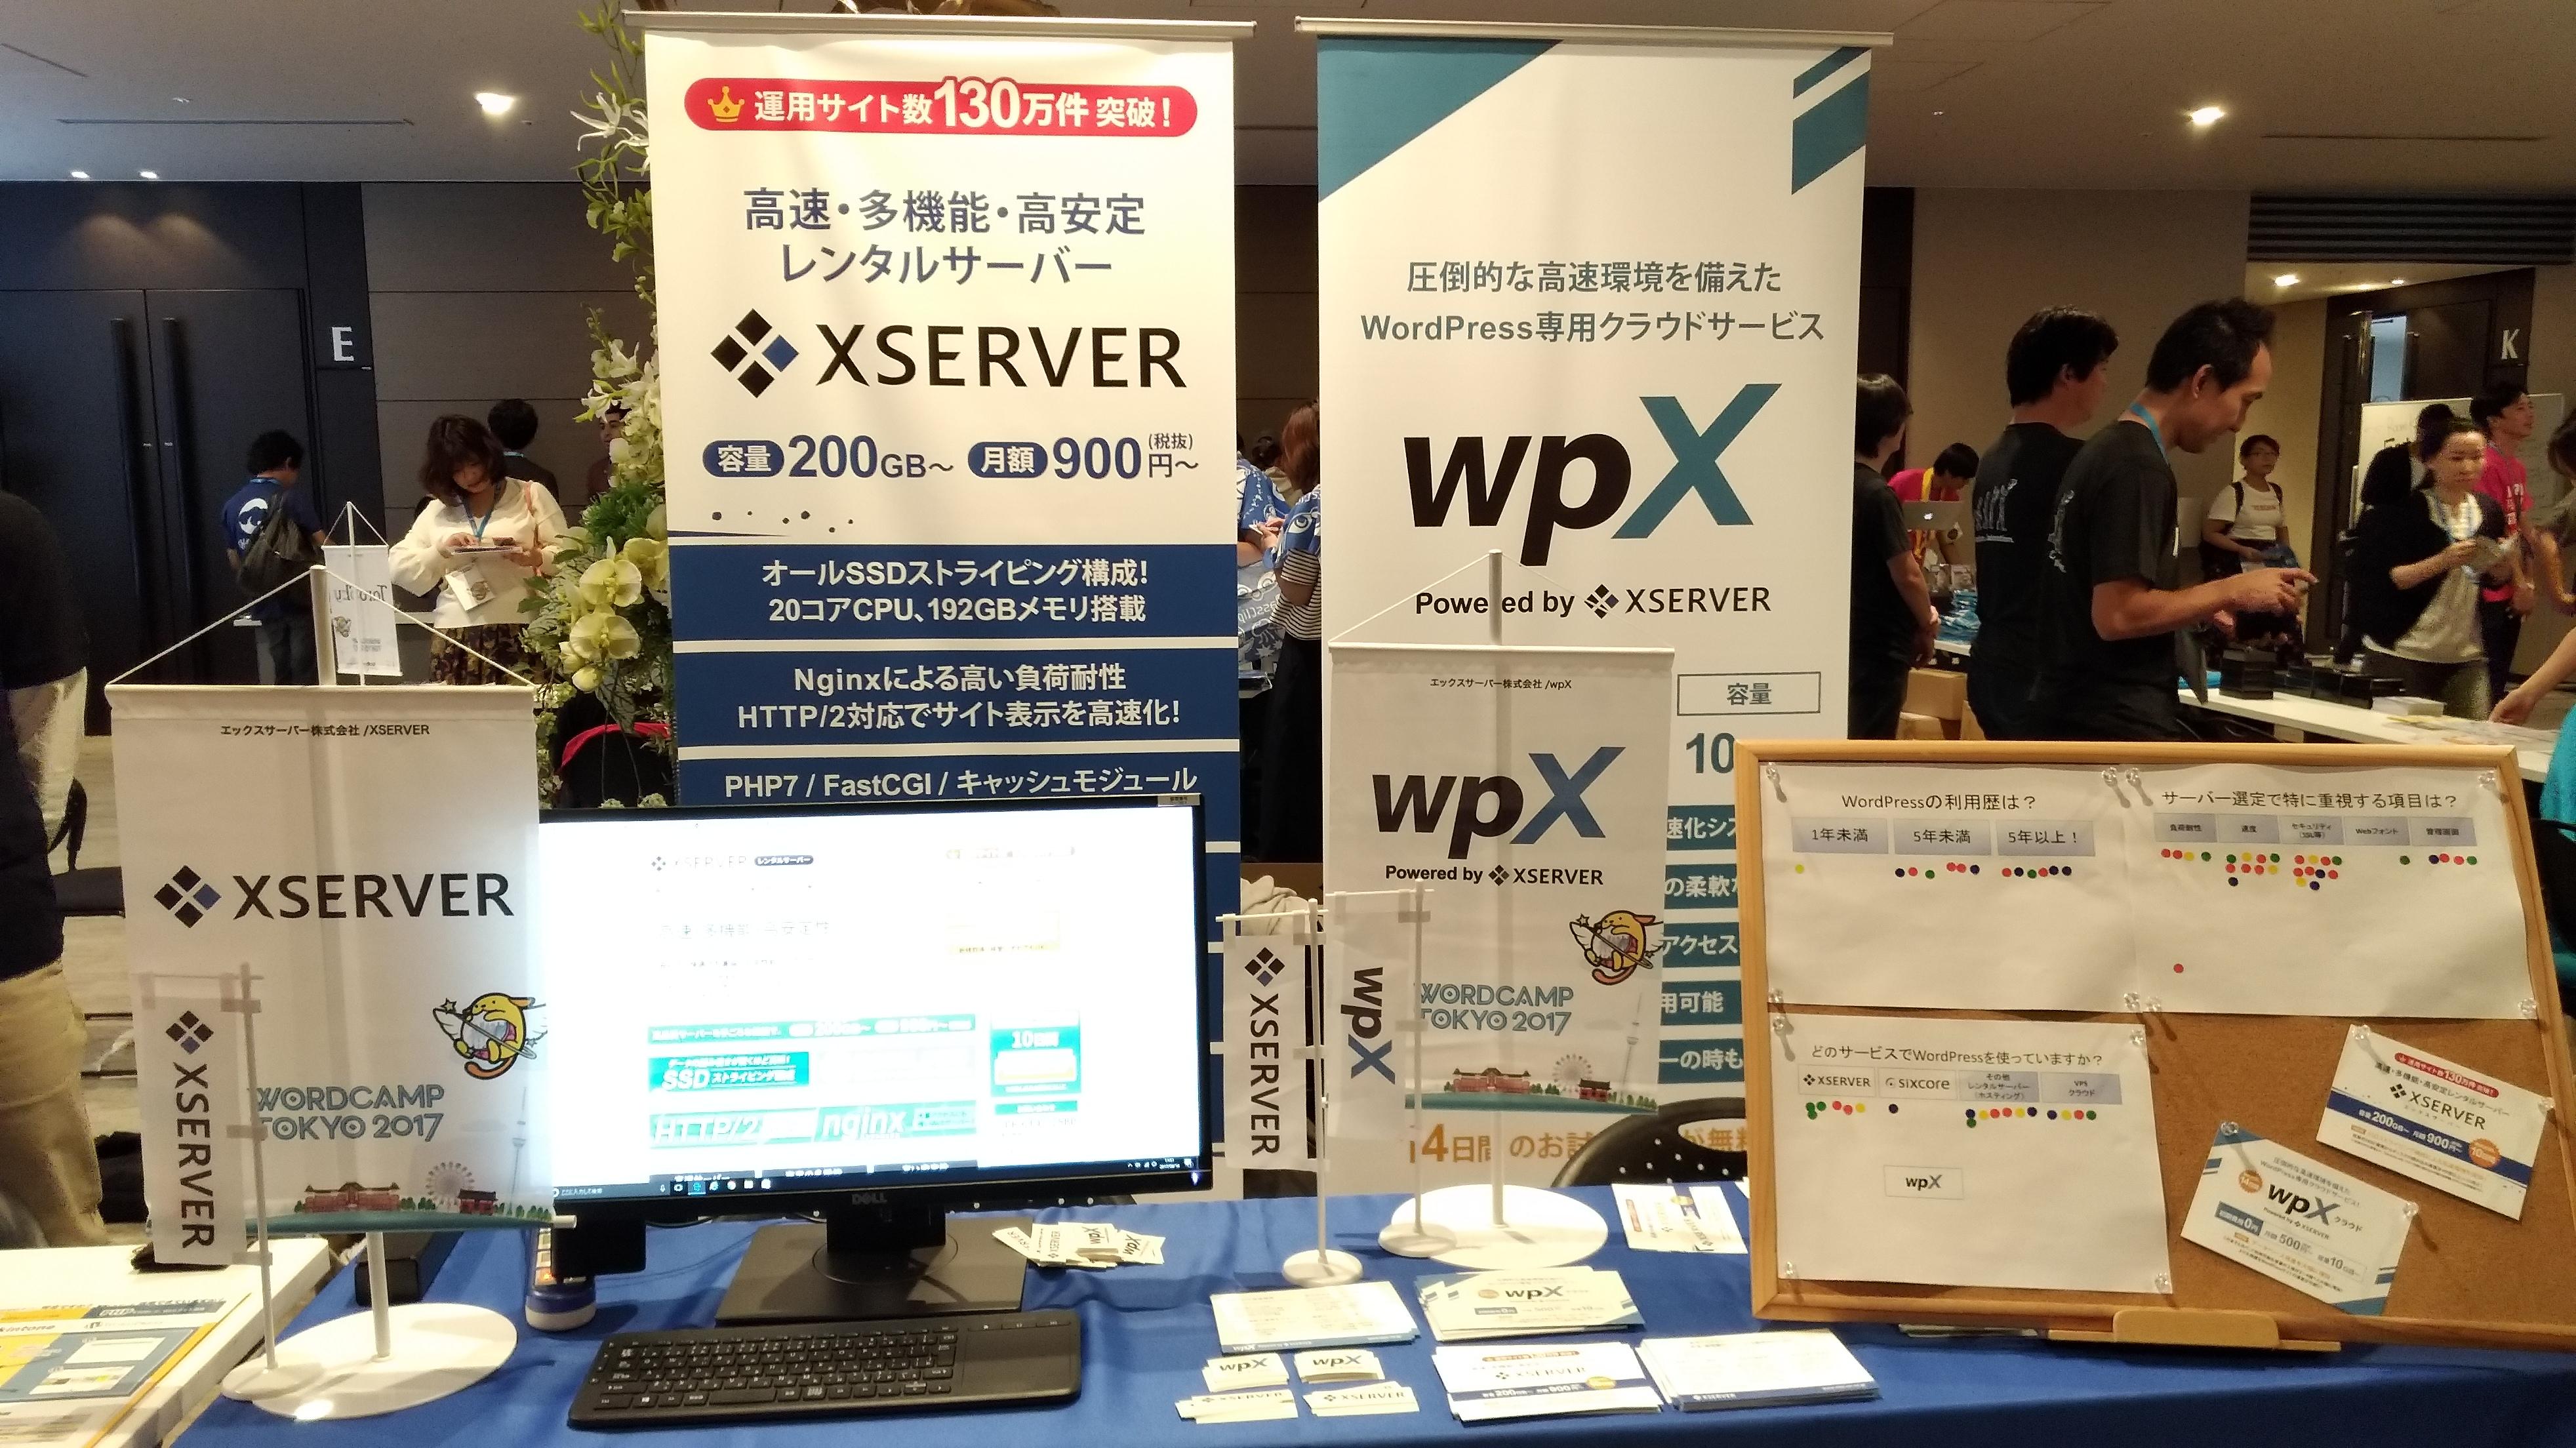 エックスサーバー WordCamp